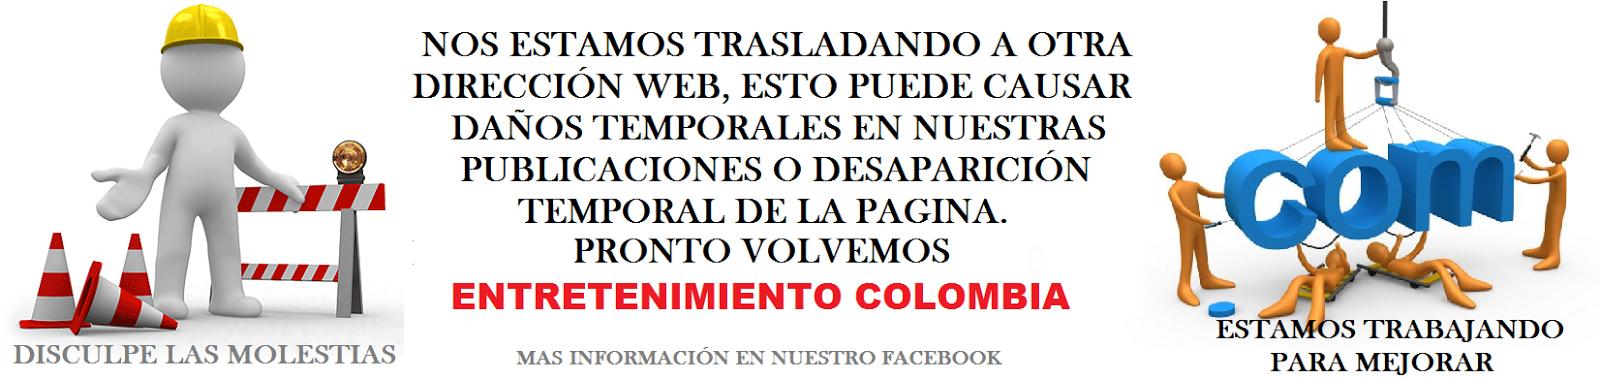 ENTRETENIMIENTO COLOMBIA